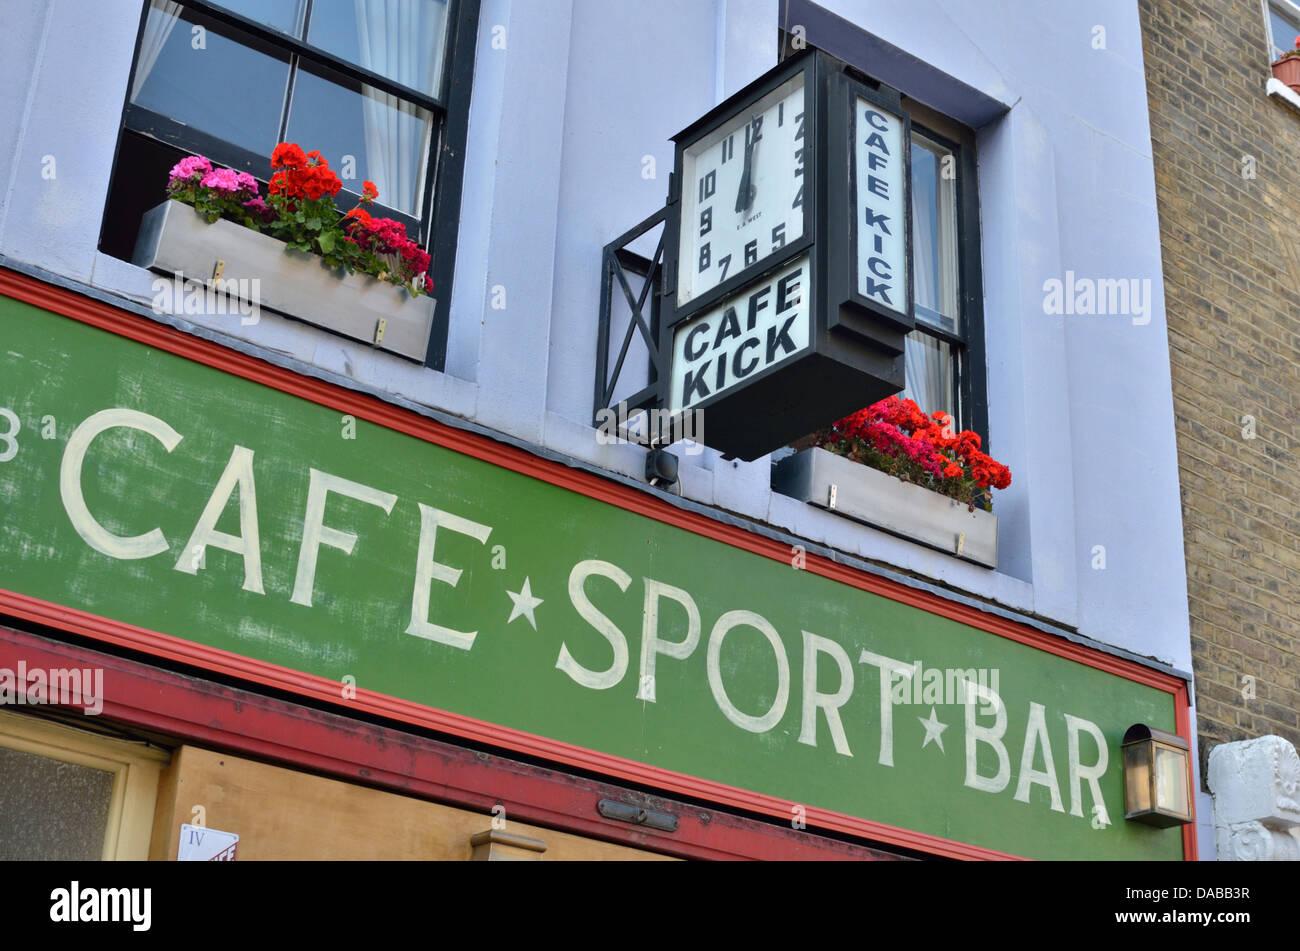 Sports Bar Stock Photos & Sports Bar Stock Images - Alamy